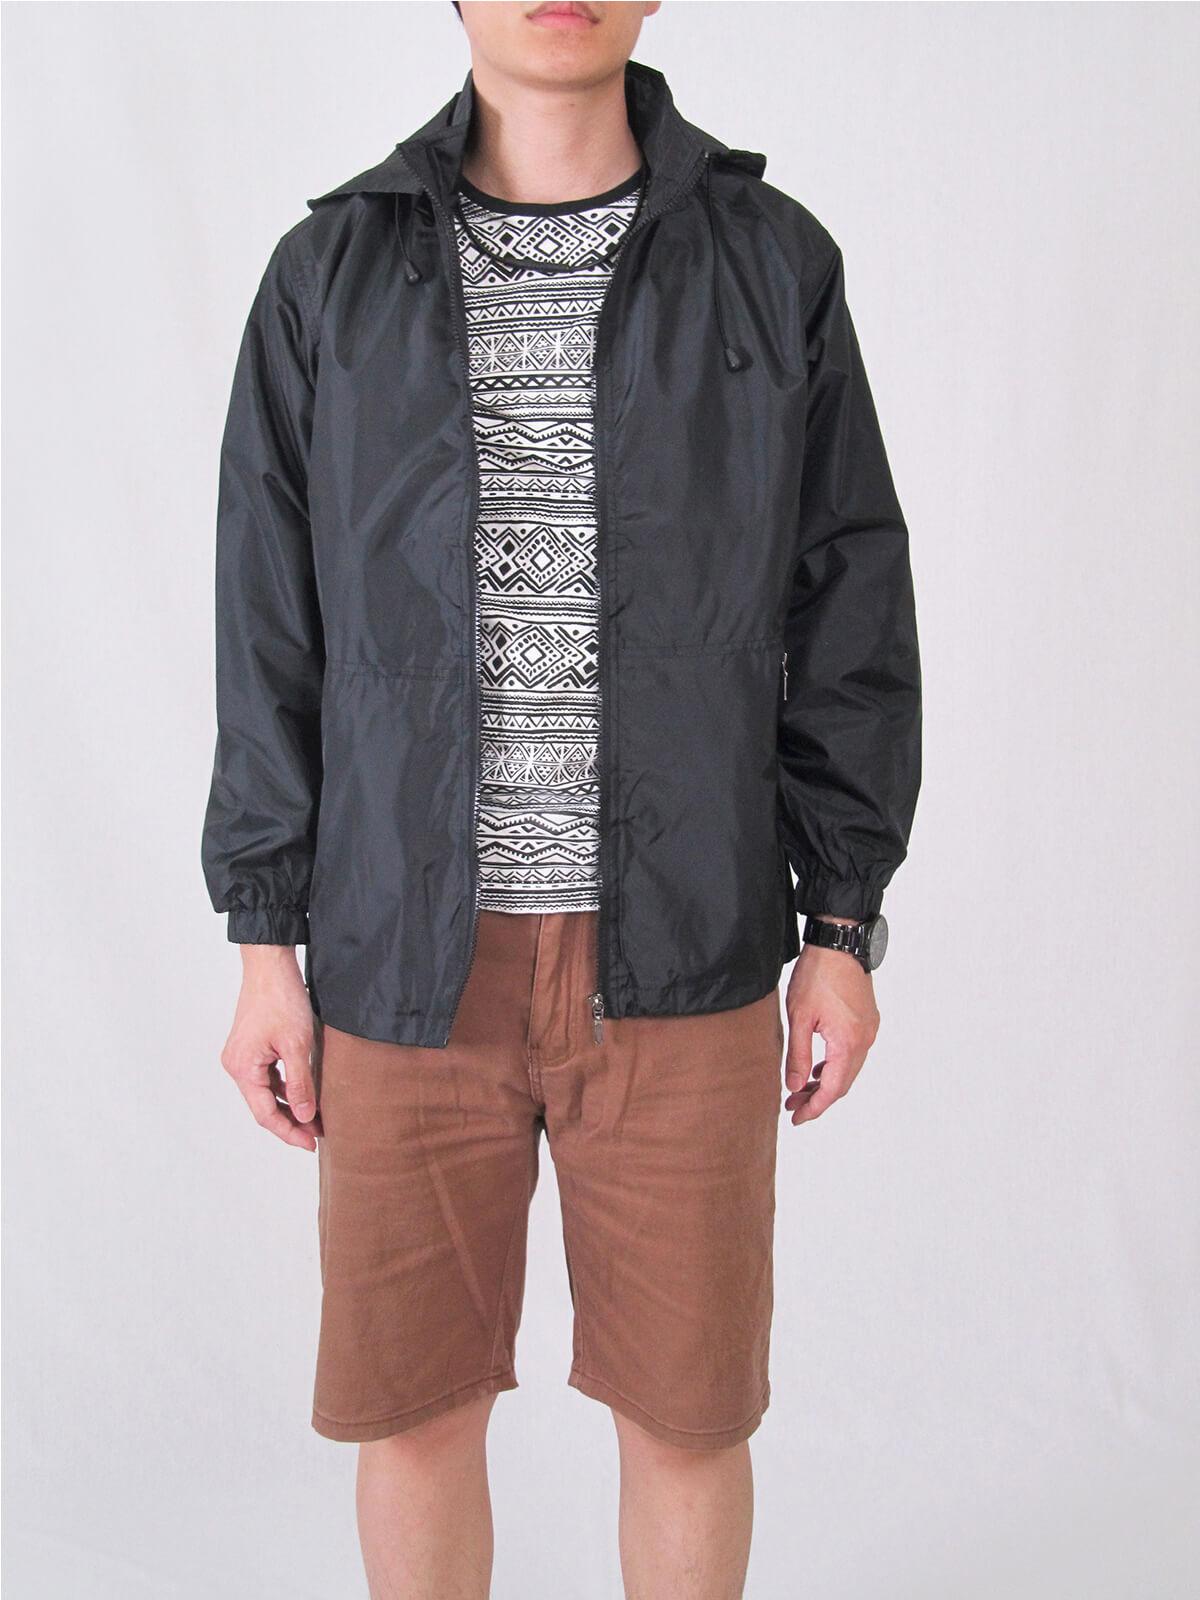 抗紫外線防曬薄外套 防風防潑水休閒外套 抗UV機能布料素面外套 遮陽外套 附帽可拆 風衣外套 輕量薄外套 ANTI-UV THIN COAT JACKET (321-8816-01)黑色、(321-8816-02)深藍色、(321-8816-03)紅色 M L XL 2L 3L 4L 5L(胸圍:45~57英吋) [實體店面保障] sun-e 7